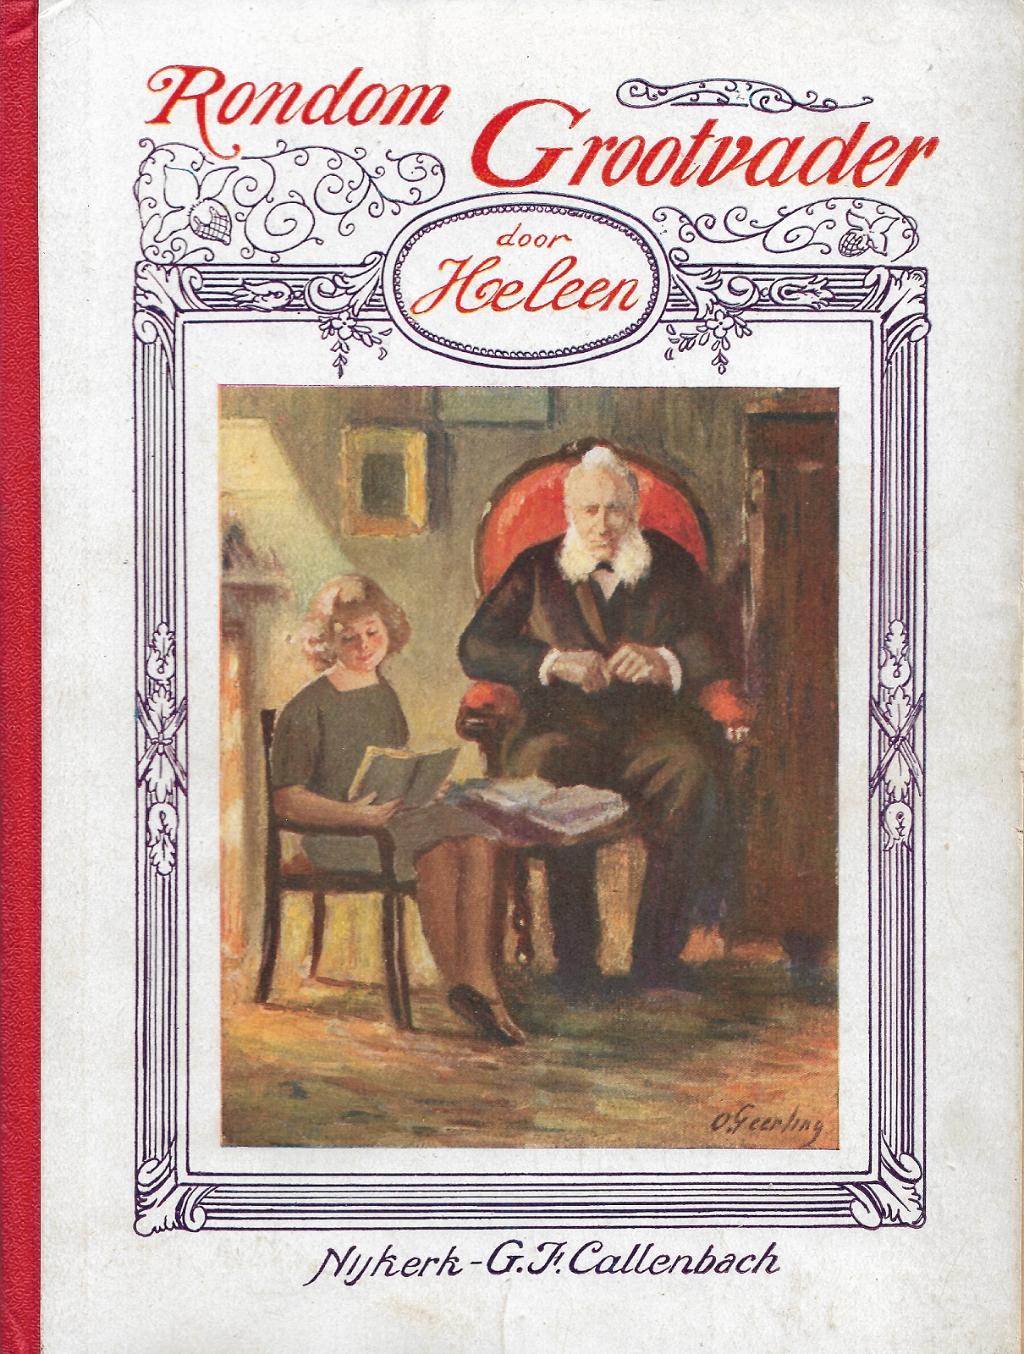 Boek uit de schenking van het archief van Uitgeverij Callenbach aan Museum Nijkerk Museum Nijkerk © BDU Media